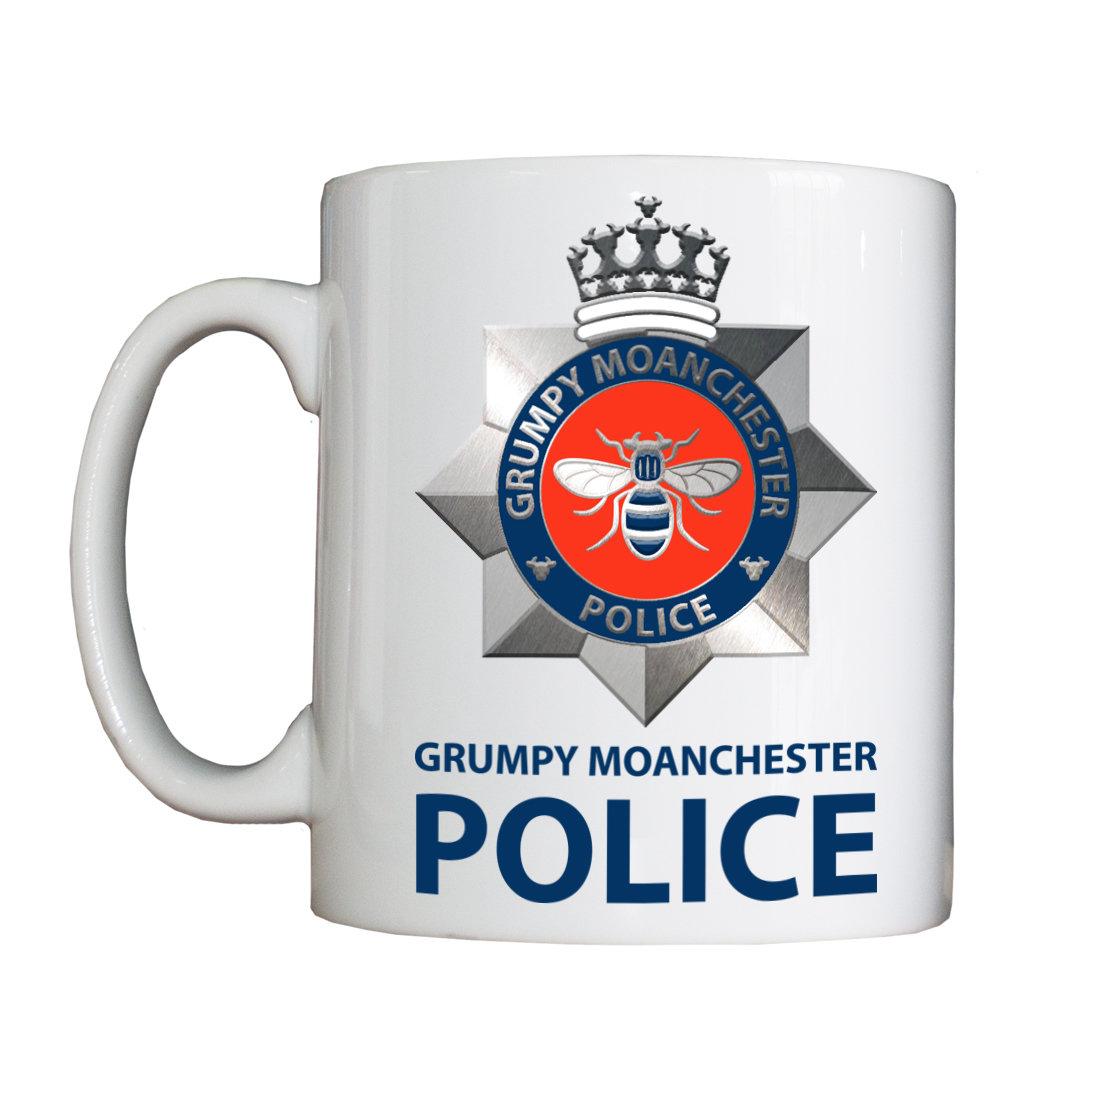 Personalised 'Grumpy Moanchester' Drinking Vessel GrumpyMoanchesterIIVESSEL